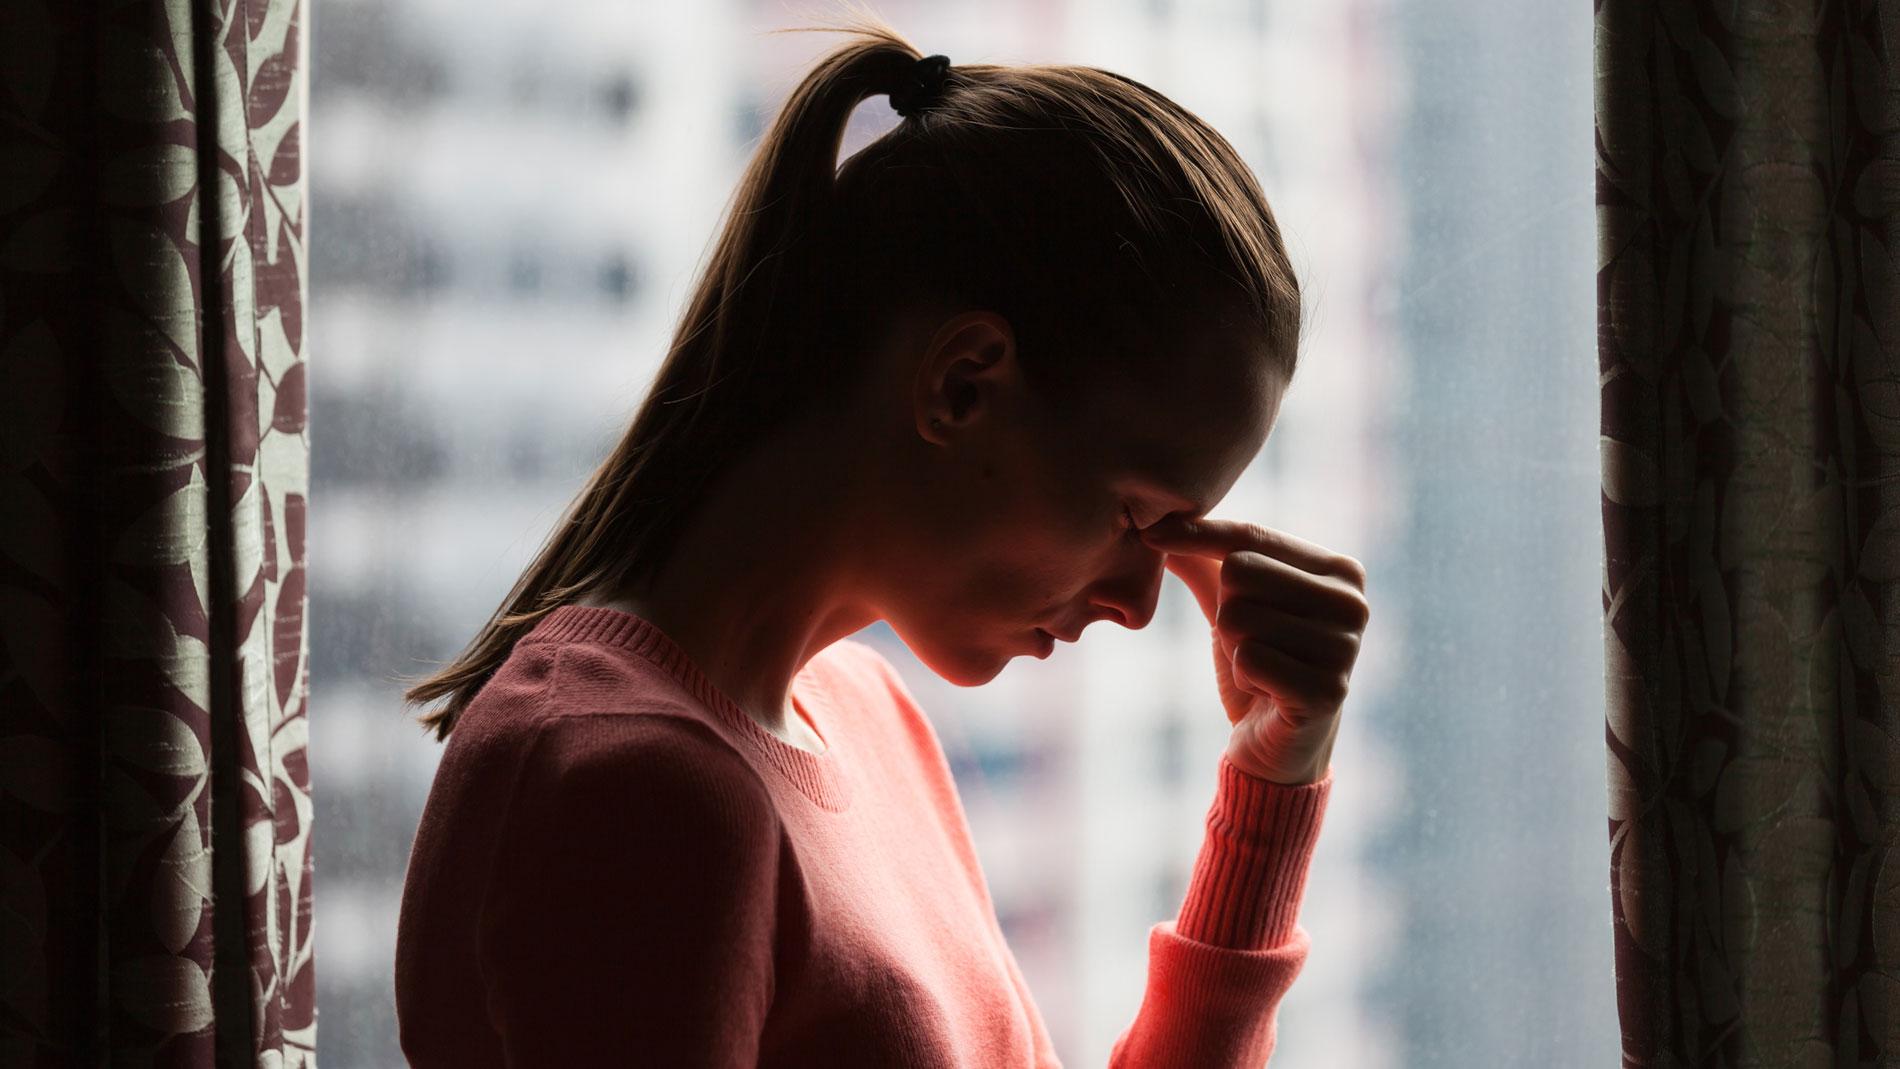 Al menos una mujer víctima de violencia de género deja su trabajo cada día en España